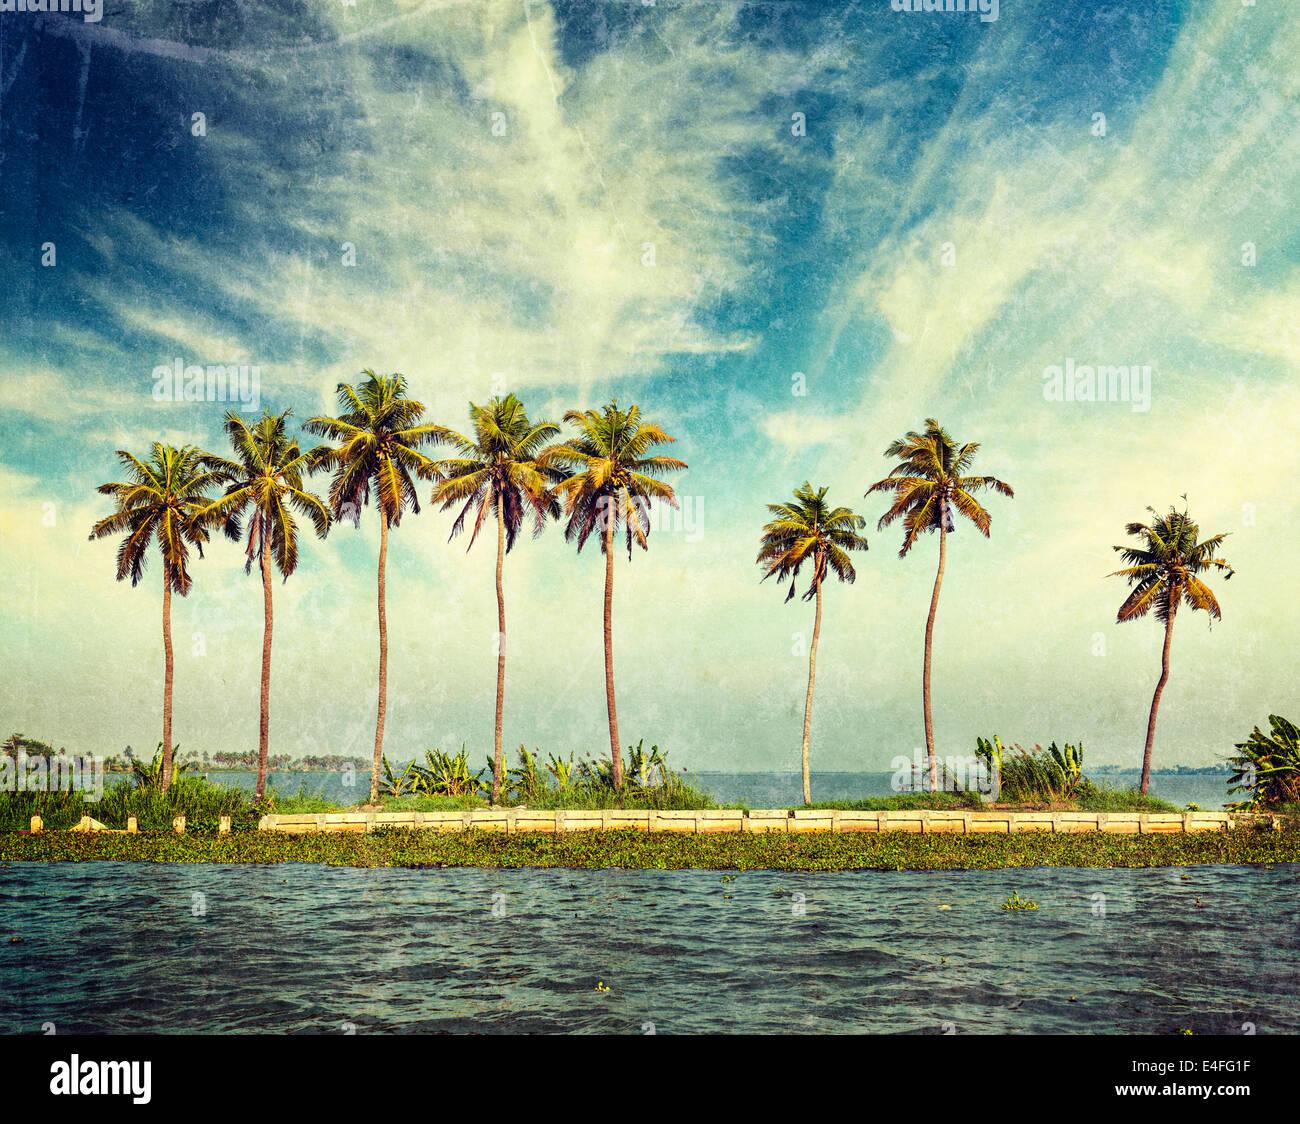 Vintage Retro-Hipster Stil reisen Bild von Palmen am Kerala Backwaters mit Grunge Texturen überlagert. Kerala, Stockbild